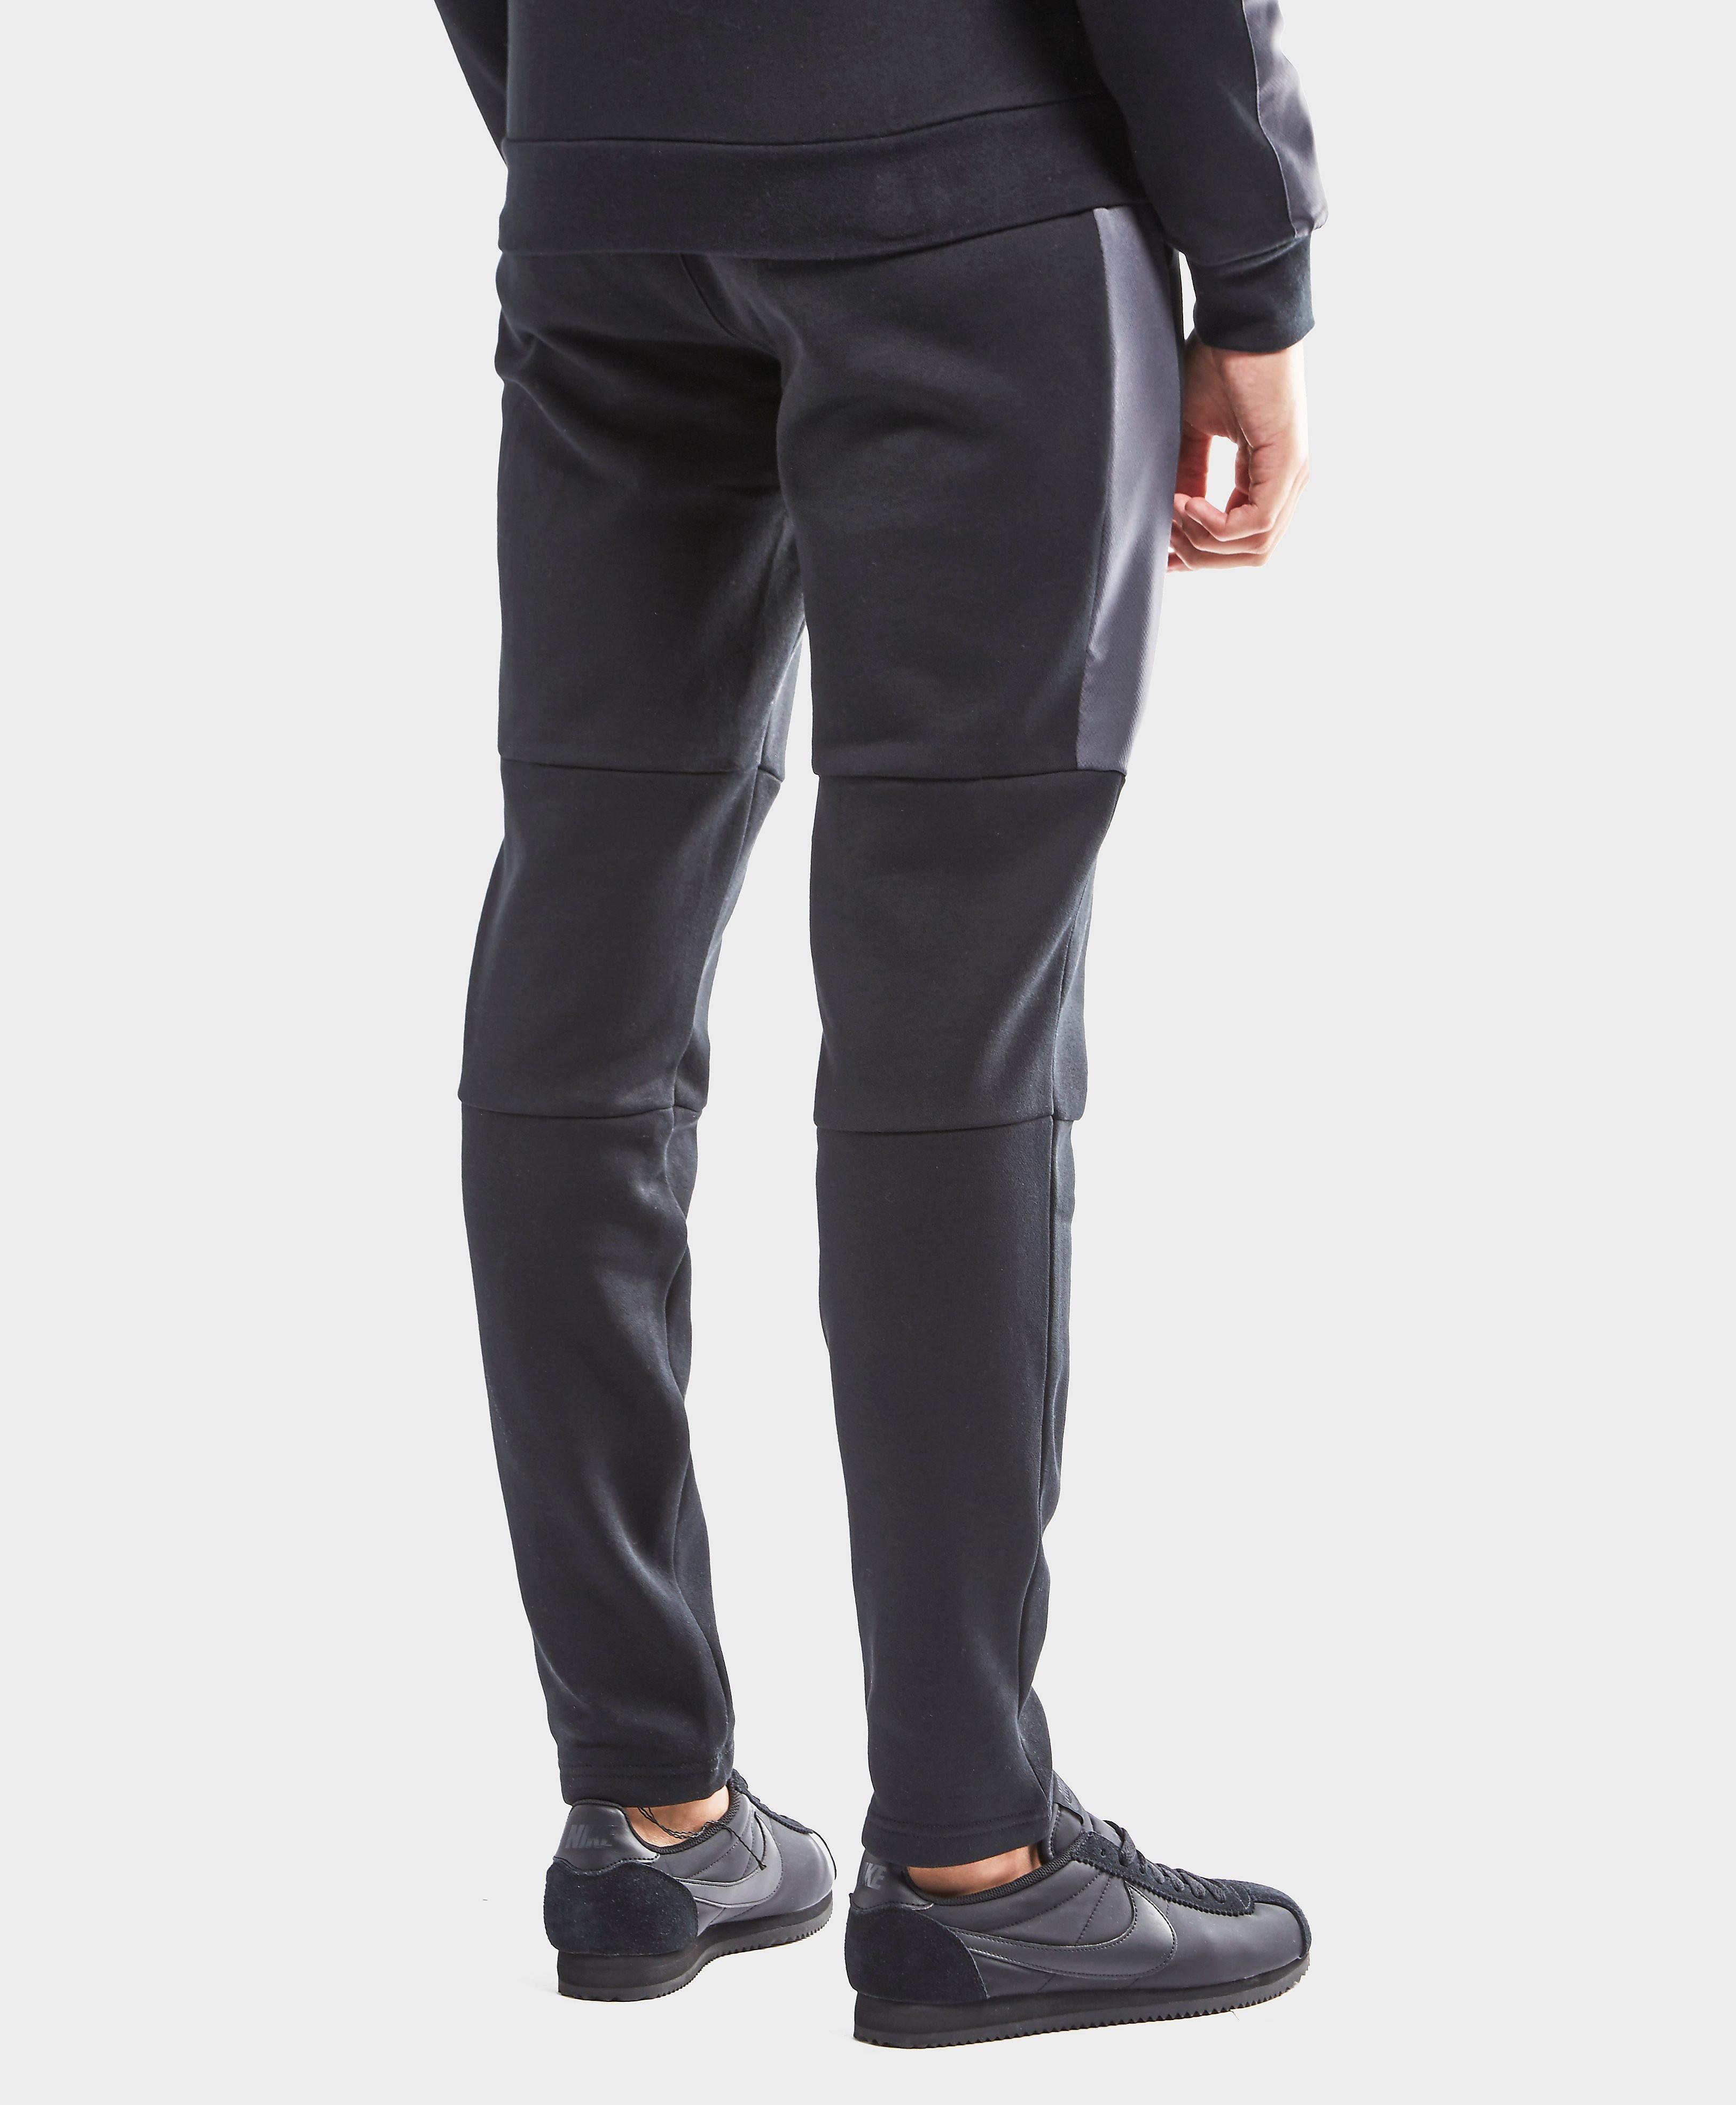 Emporio Armani EA7 Shield Track Pants - Exclusive